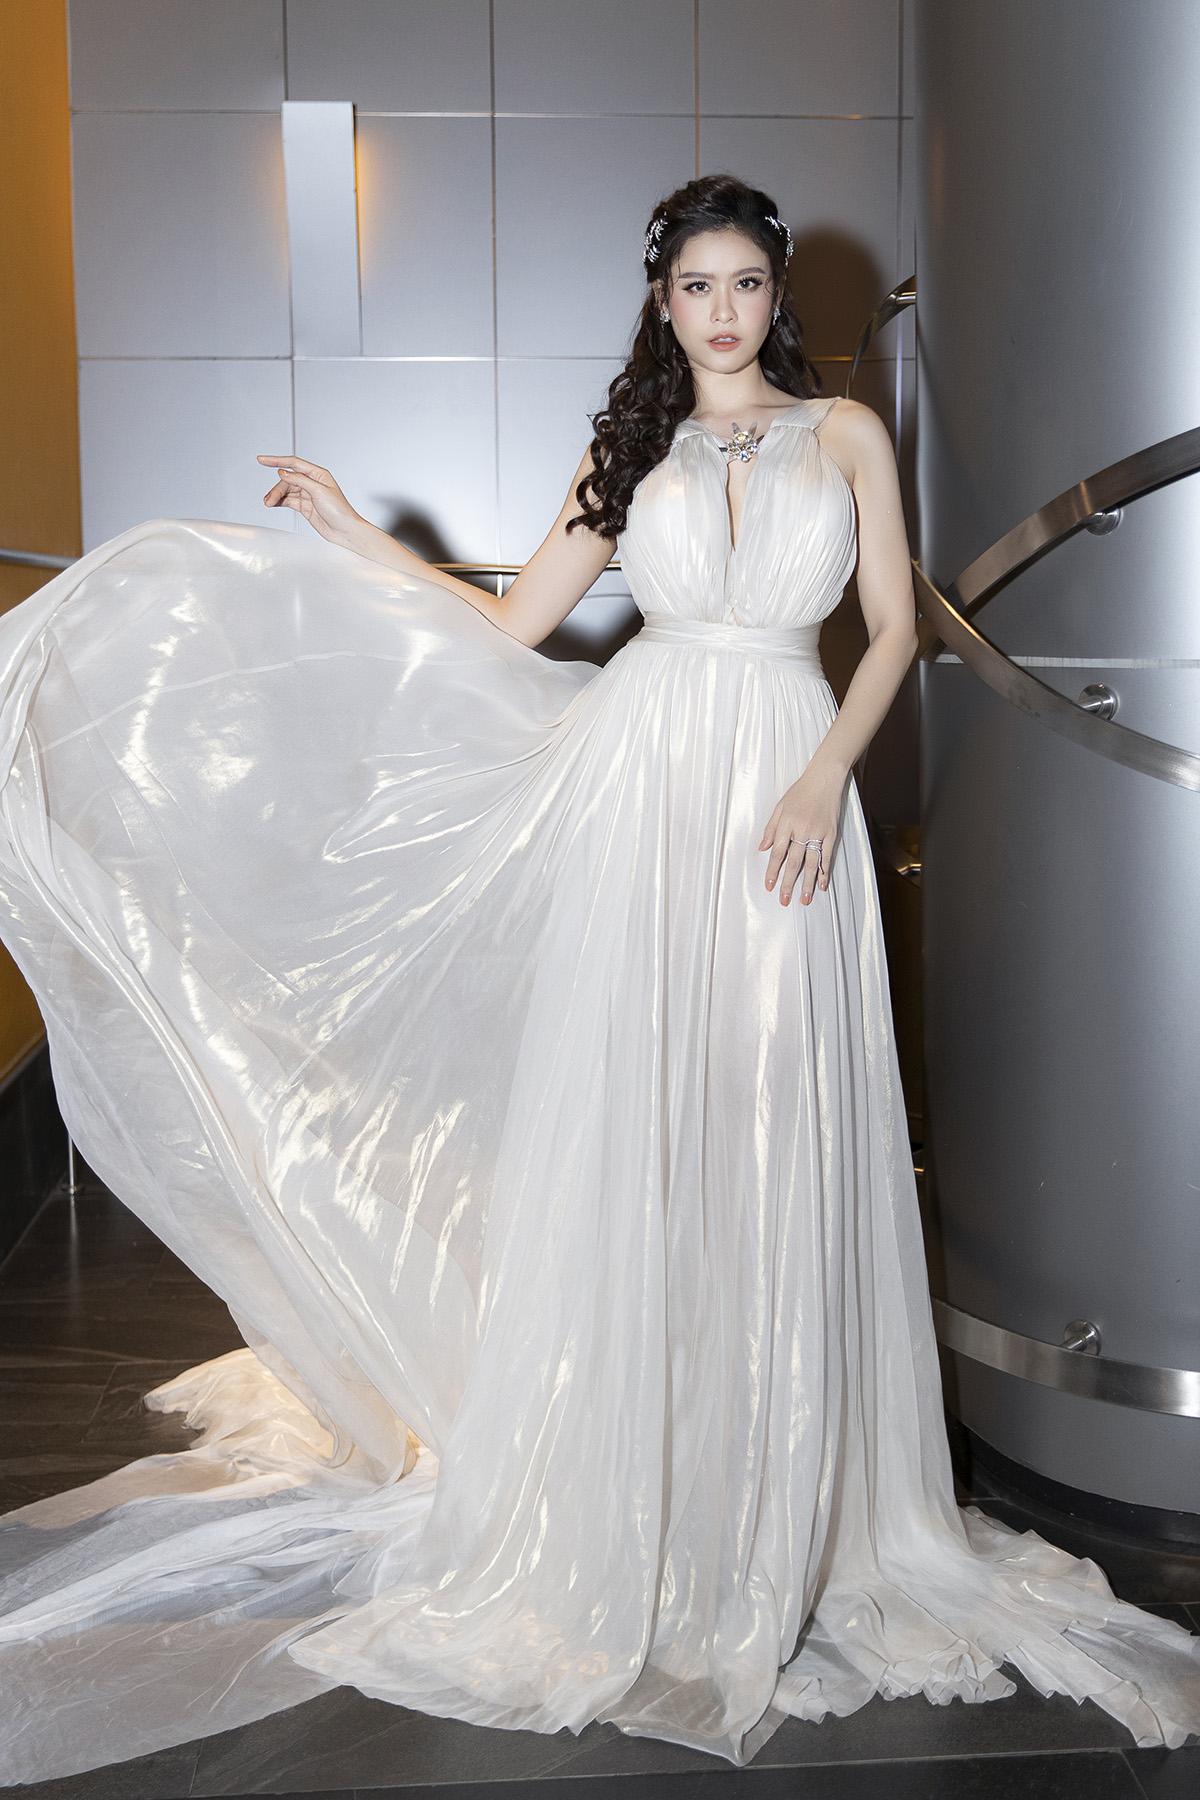 Trương Quỳnh Anh lạnh lùng, sexy, quyến rũ khi hoá nữ thần Hy Lạp trên thảm đỏ